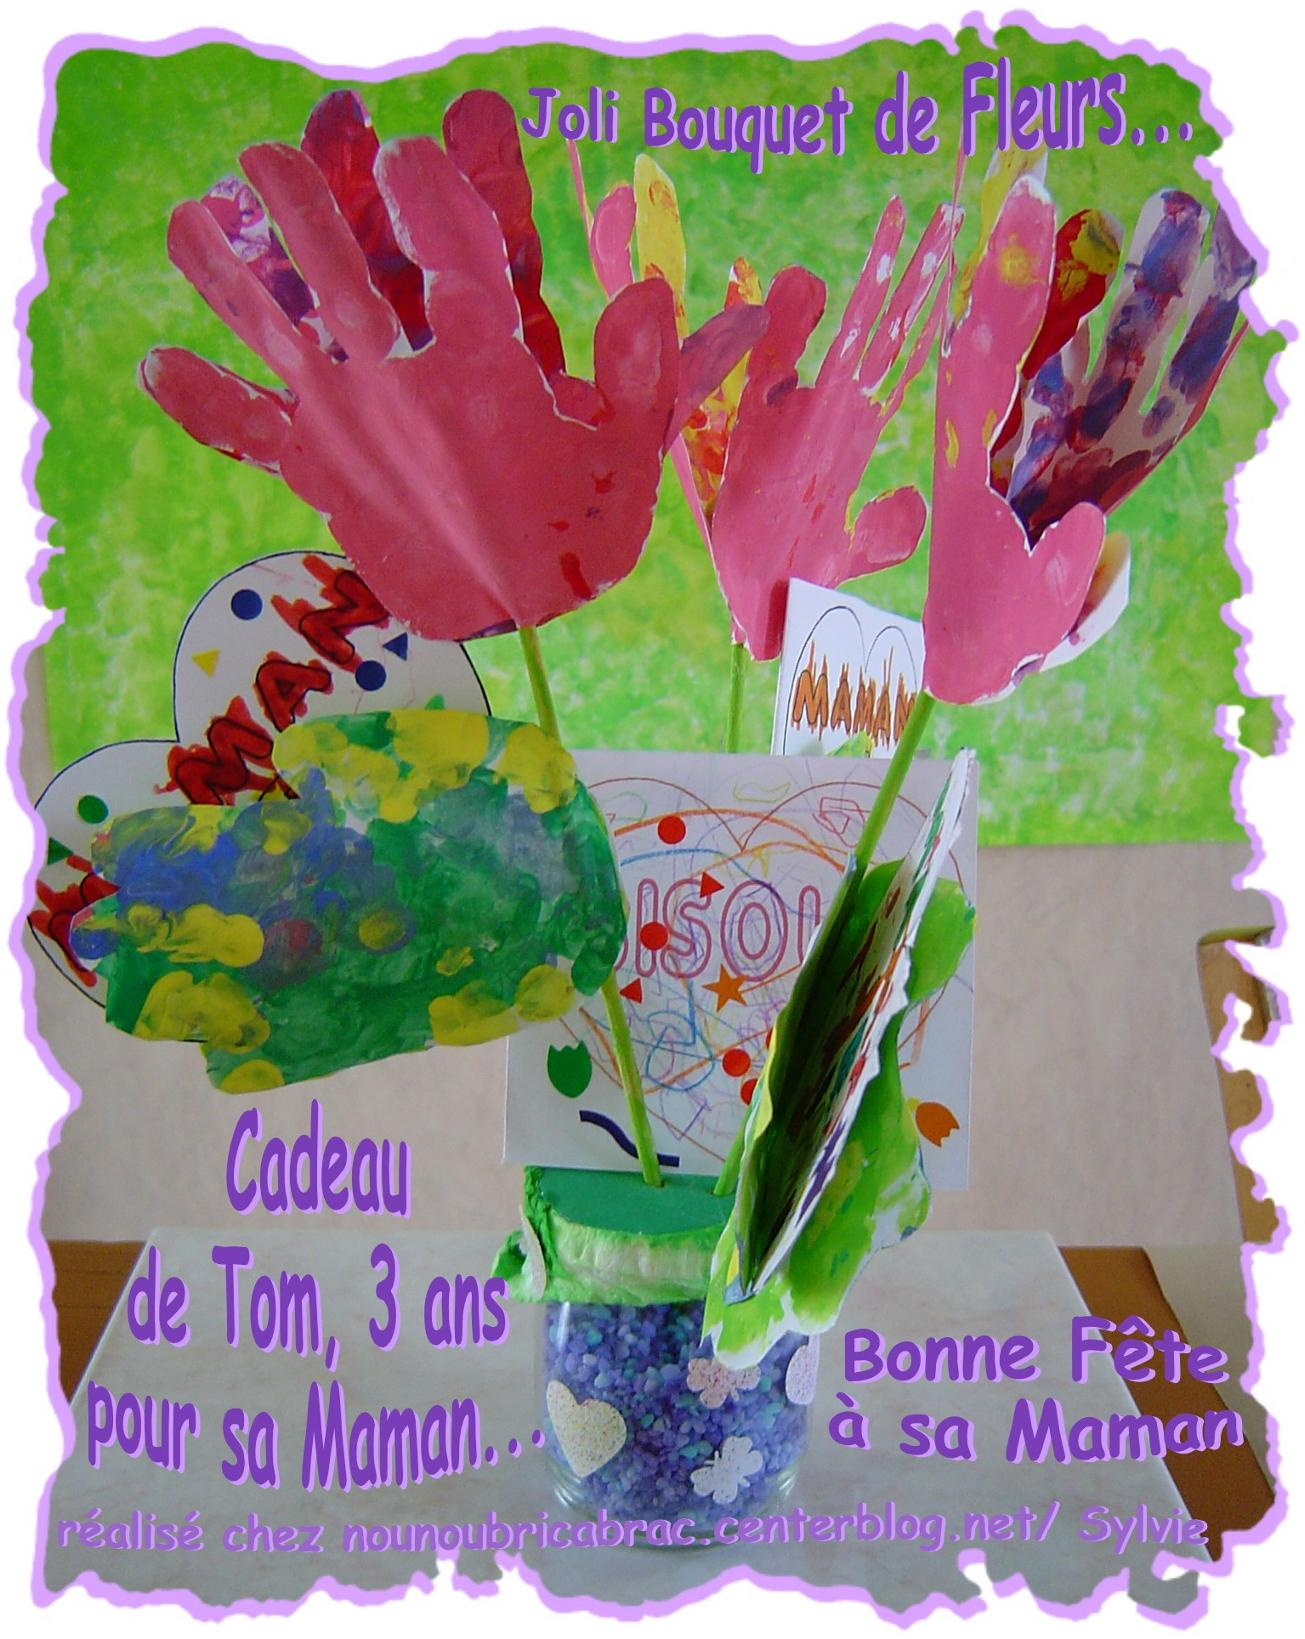 Joli bouquet de Fleurs-Mains de Tom... pour sa Maman